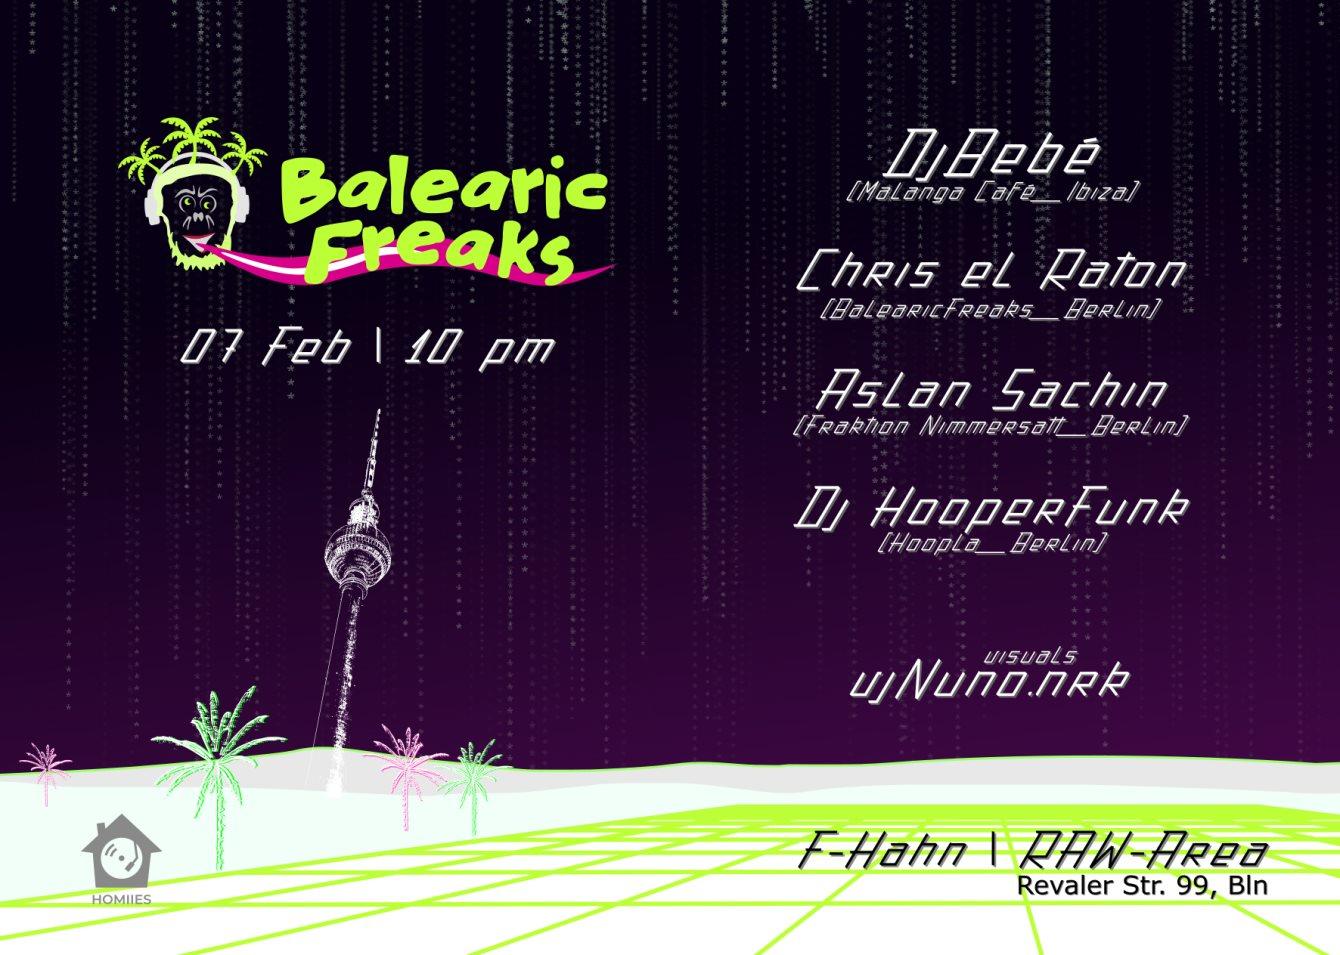 Balearic Freaks - Flyer front